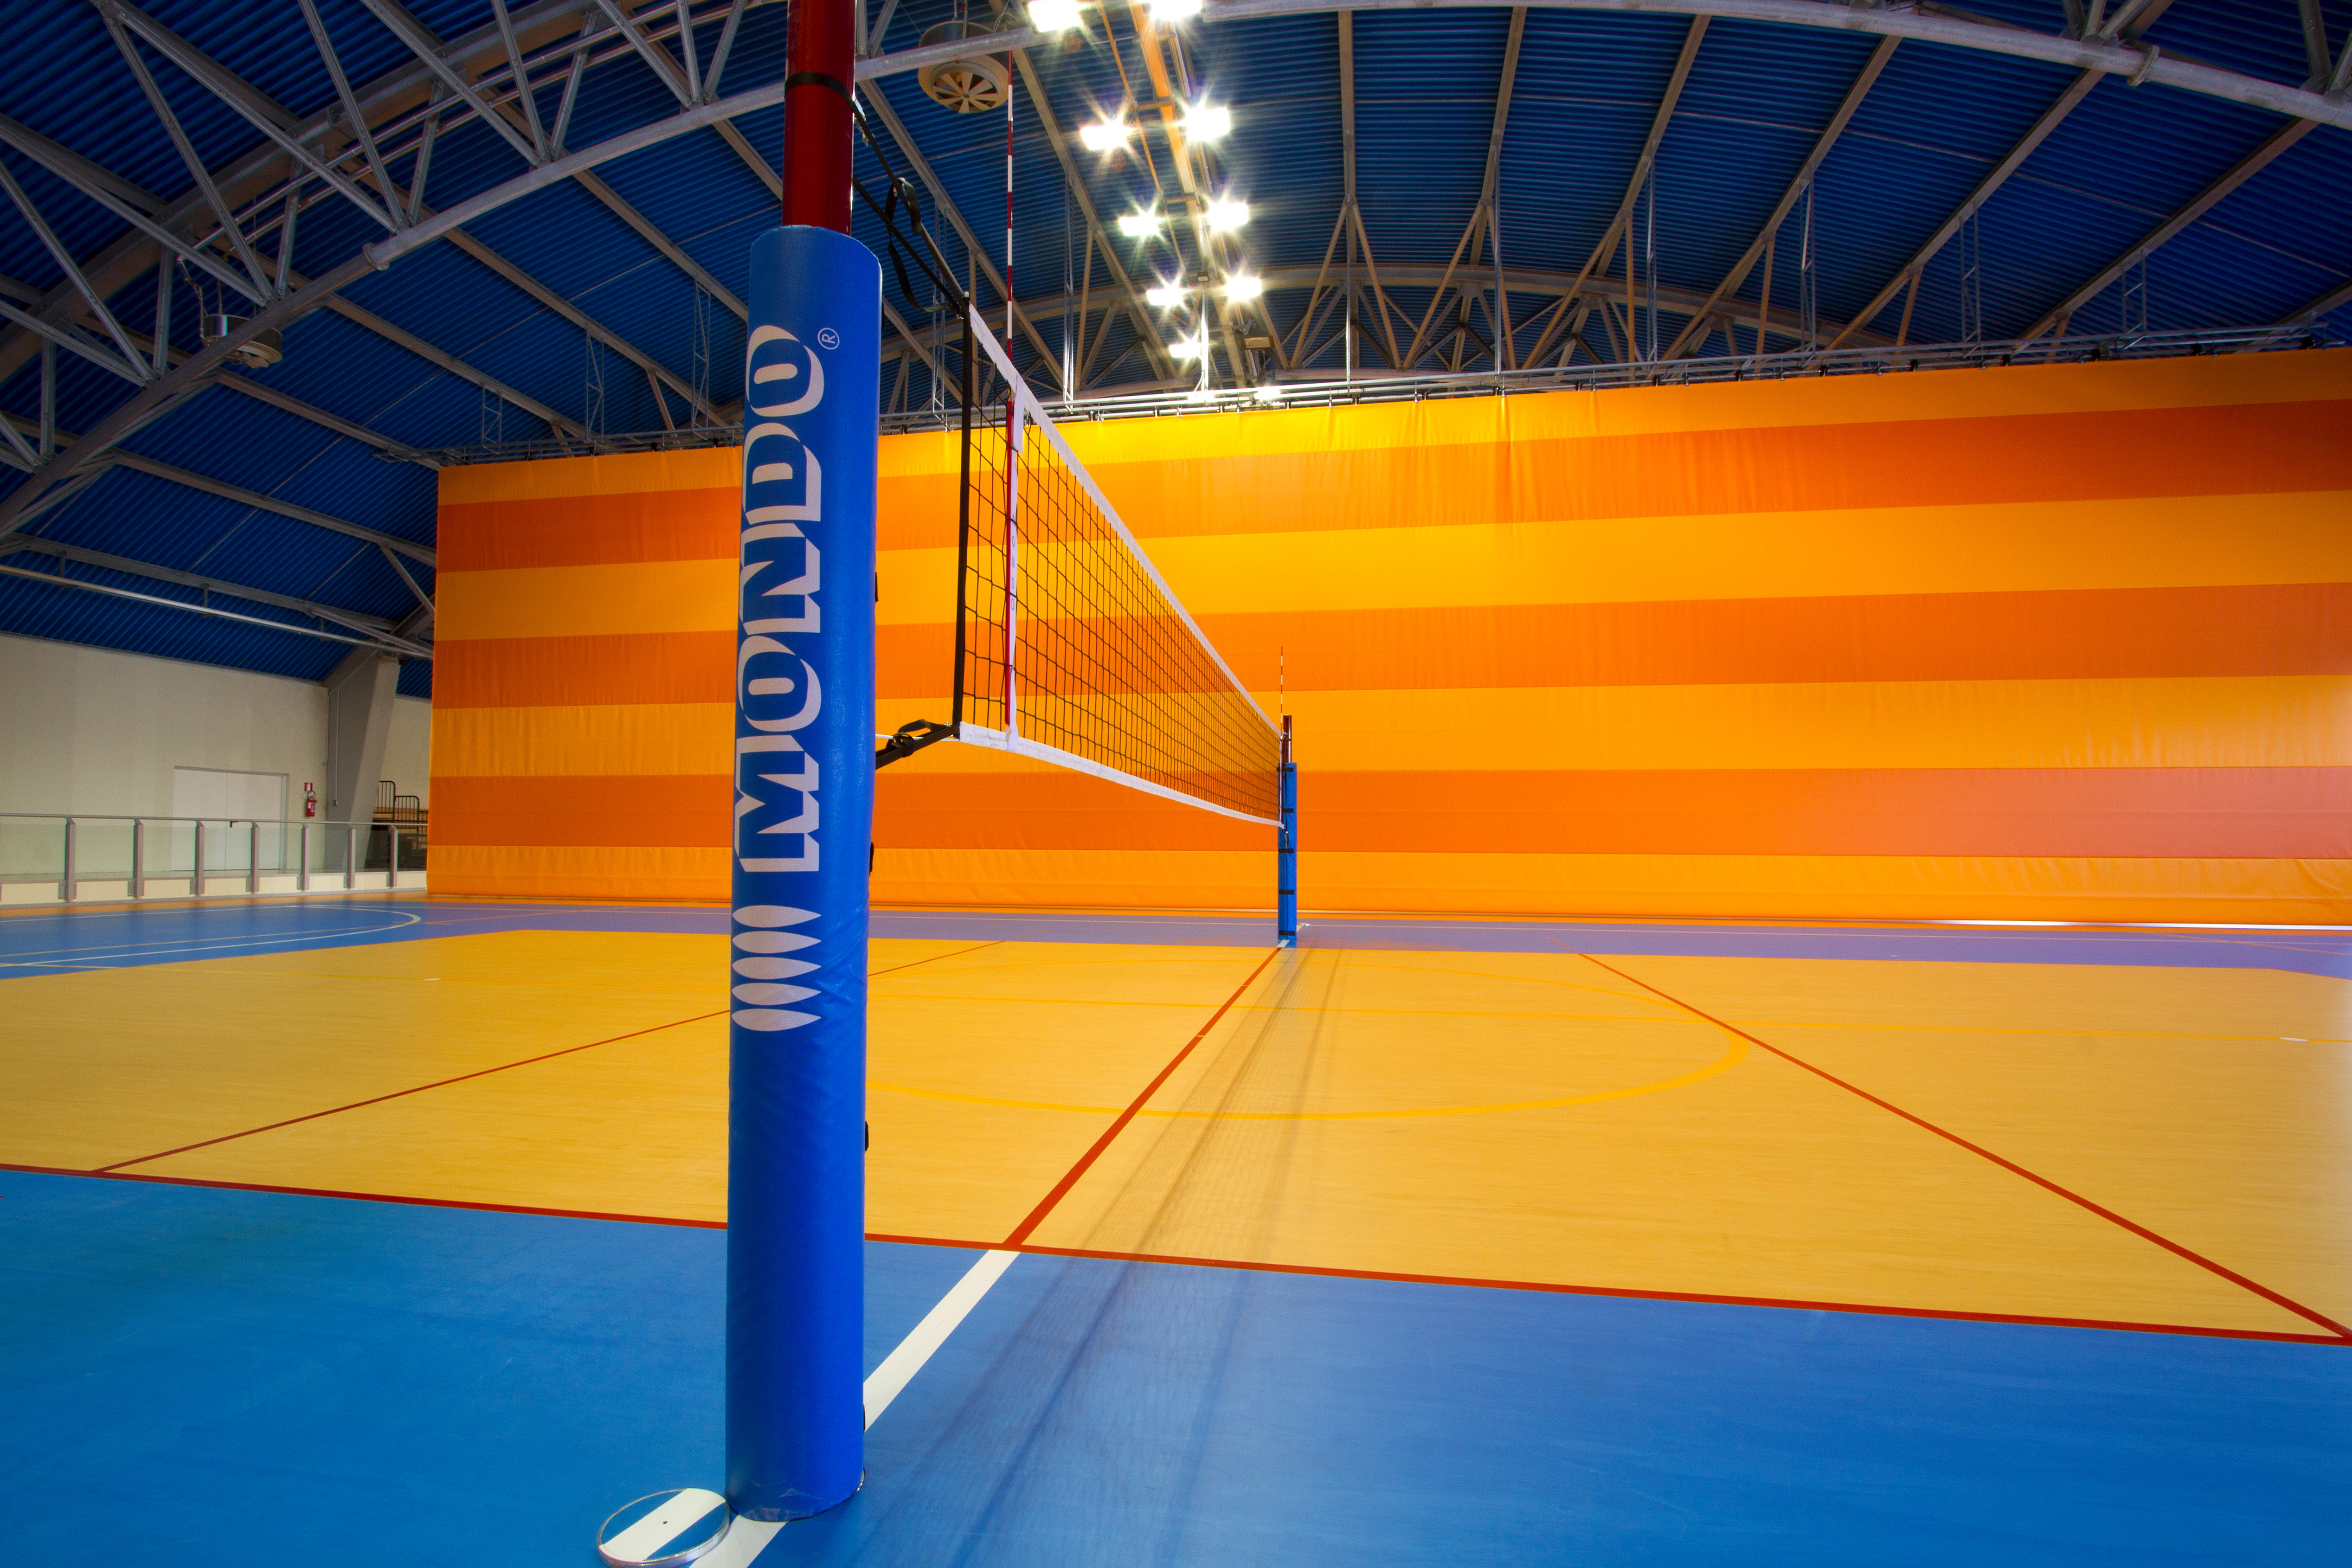 Covor PVC pentru sali de sport MONDO - Poza 2